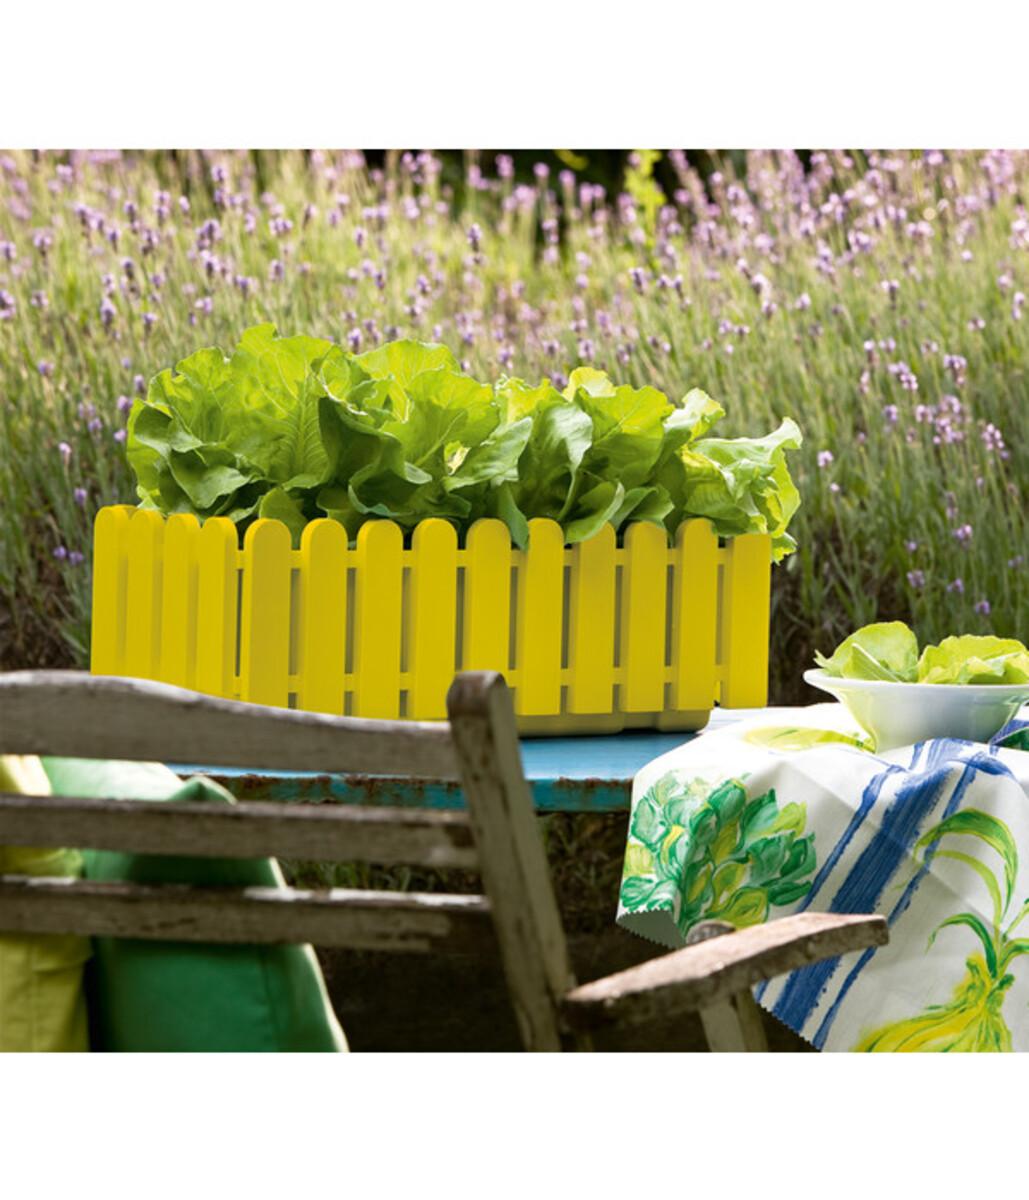 Bild 2 von Emsa Kunststoff-Blumenkasten Landhaus, rechteckig